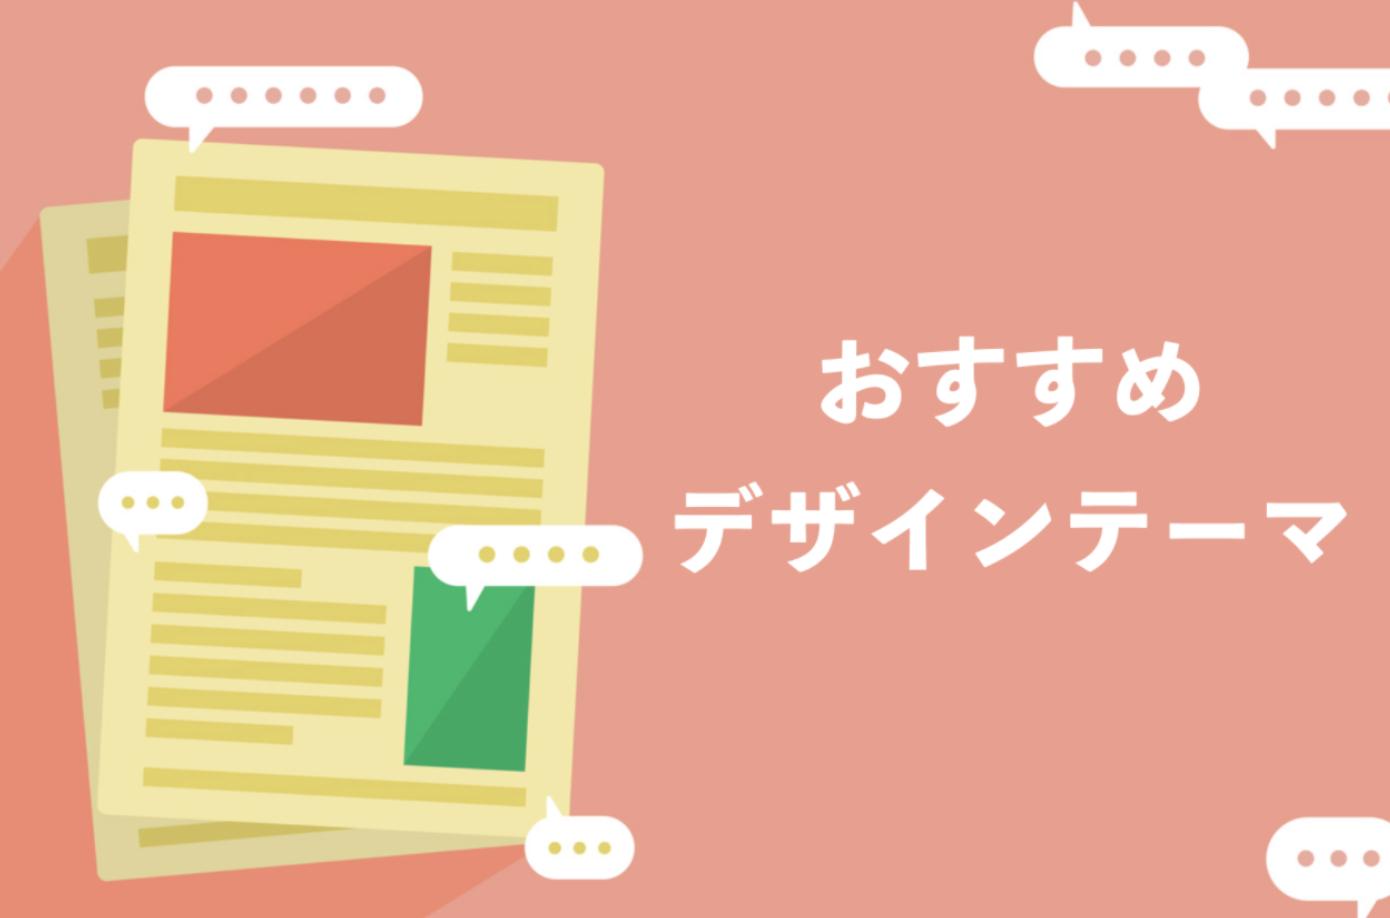 おすすめWordPressデザイン